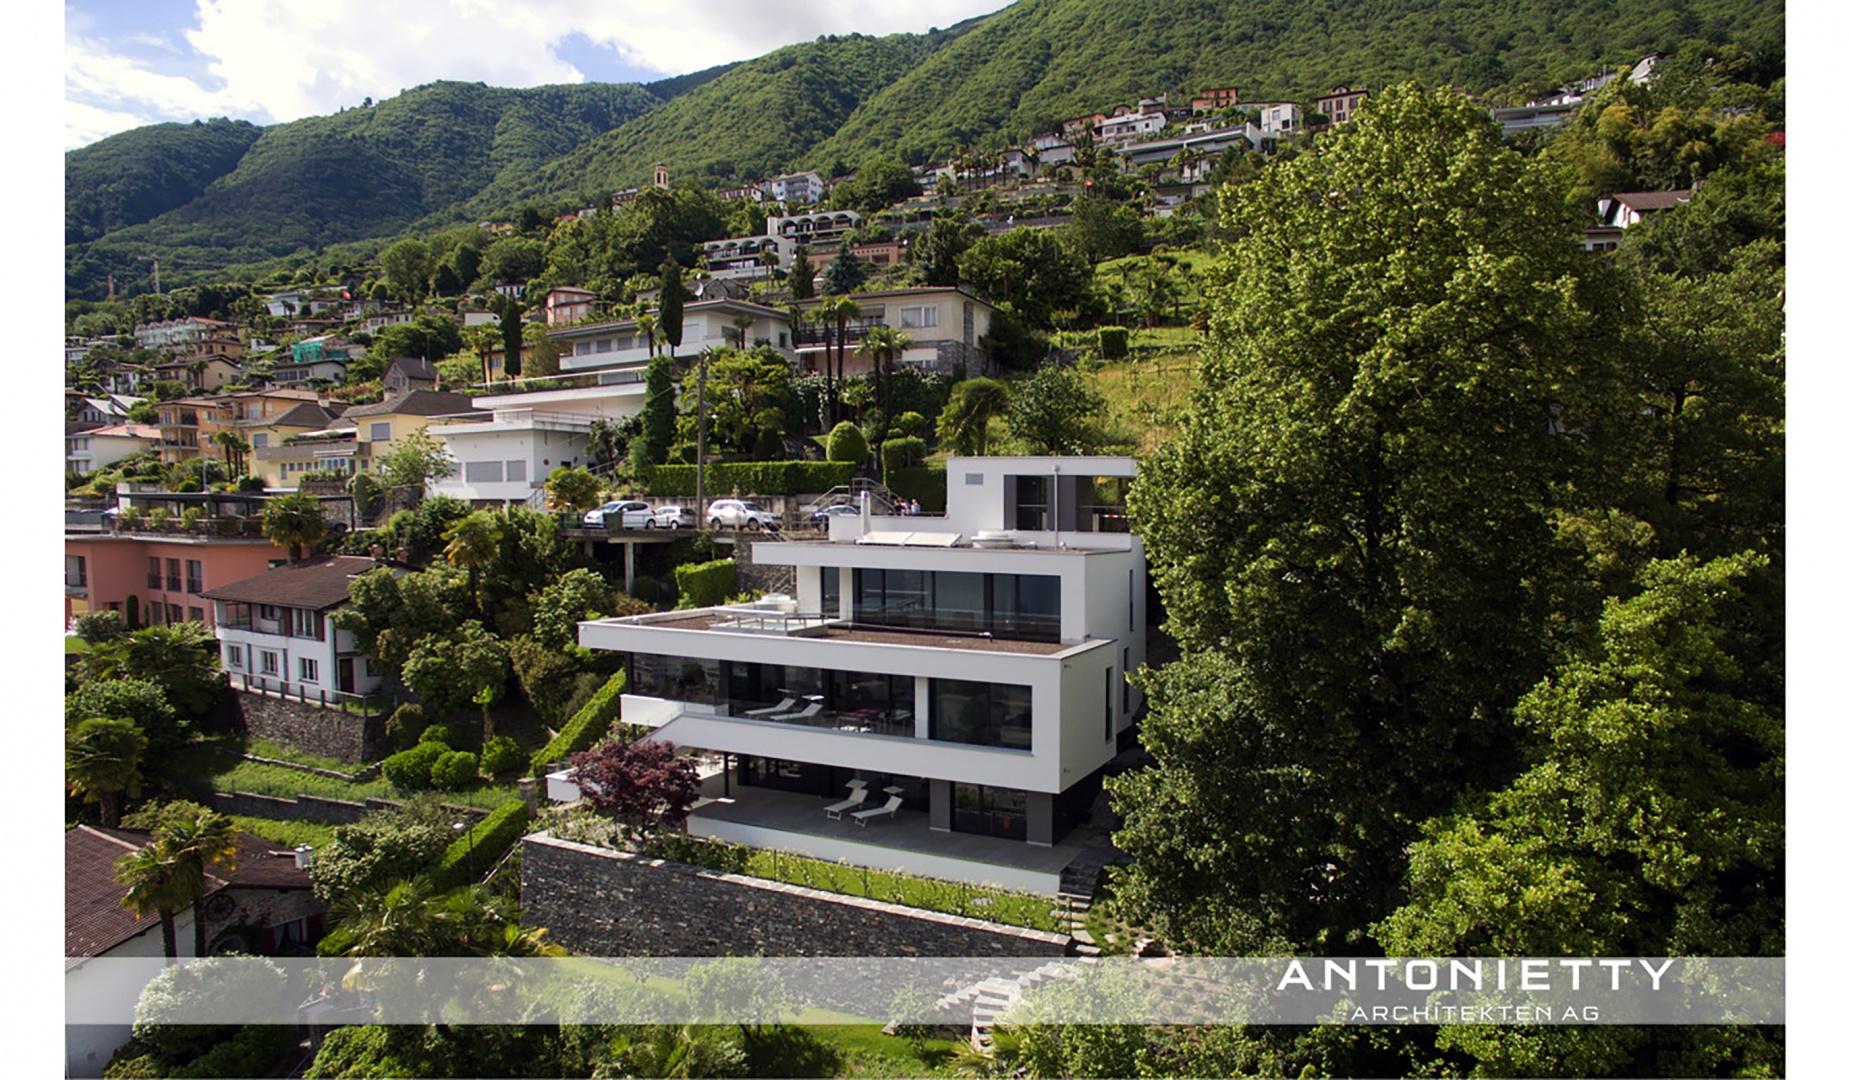 Fassade © Carlos Antonietty, Antonietty Architekten AG, Bürgenstrasse 23, 6005 Luzern